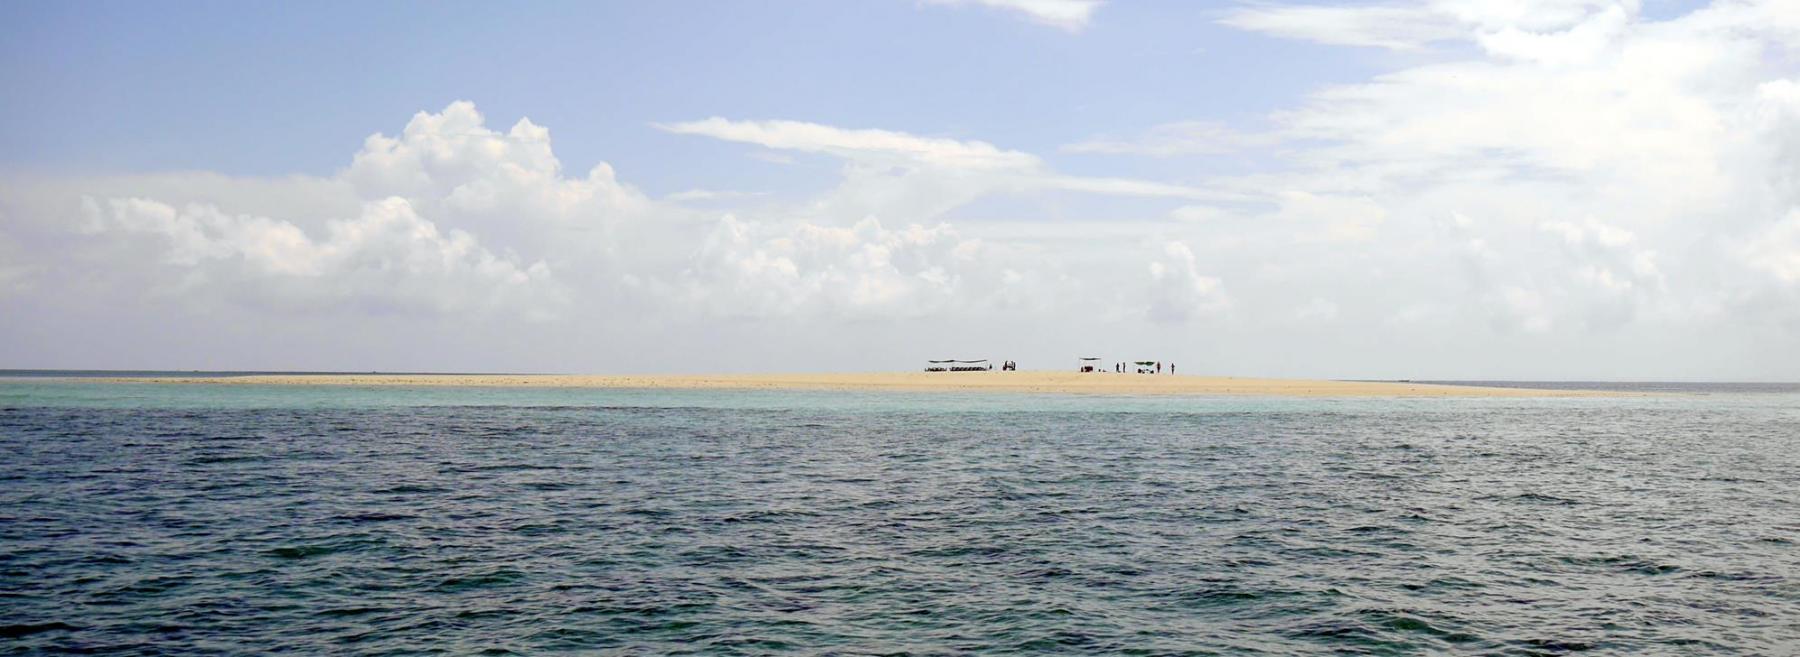 Reif-für-die-Insel-2017-43